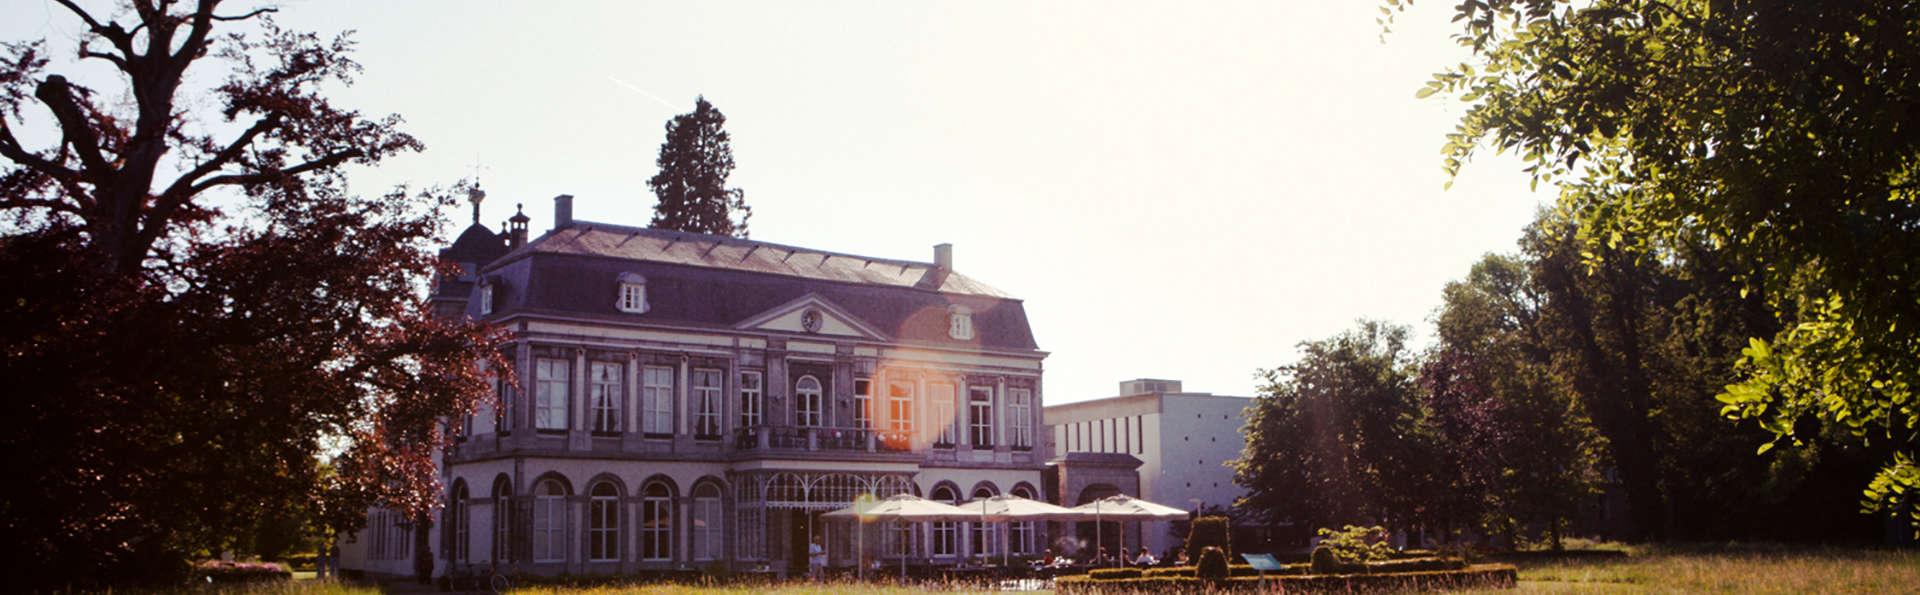 Séjournez à la périphérie de Maastricht et profitez d'un délicieux dîner (à partir de 2 nuits)